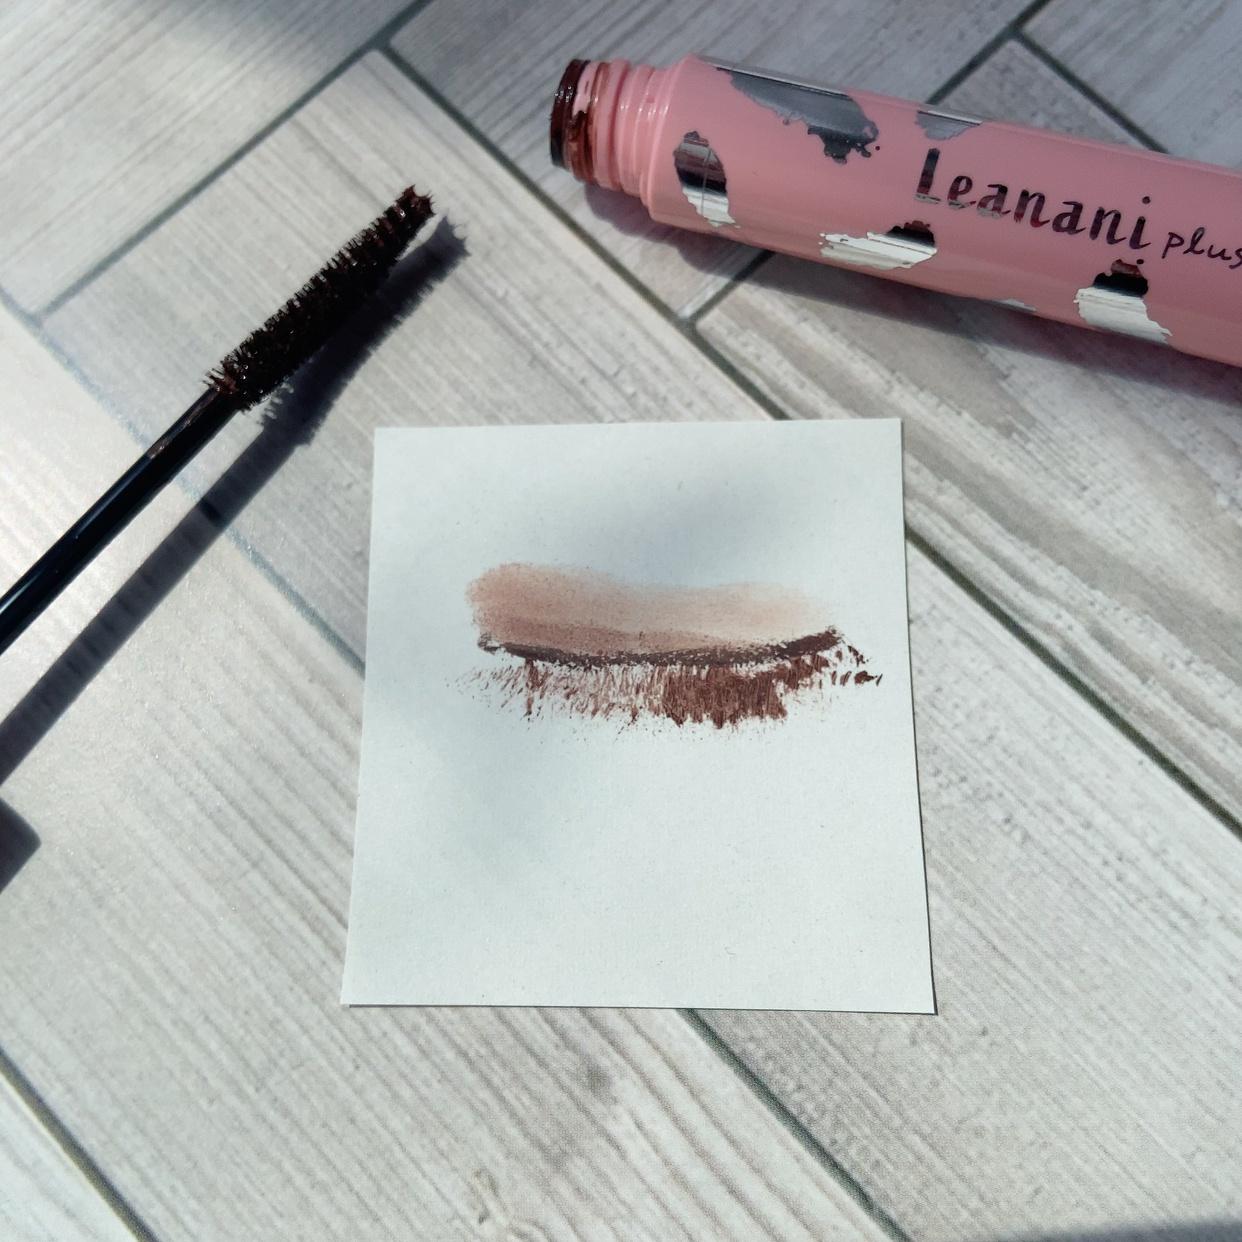 Leanani plus(レアナニ プラス) エクストラカール ロングマスカラを使った_ariel_mamaさんのクチコミ画像2